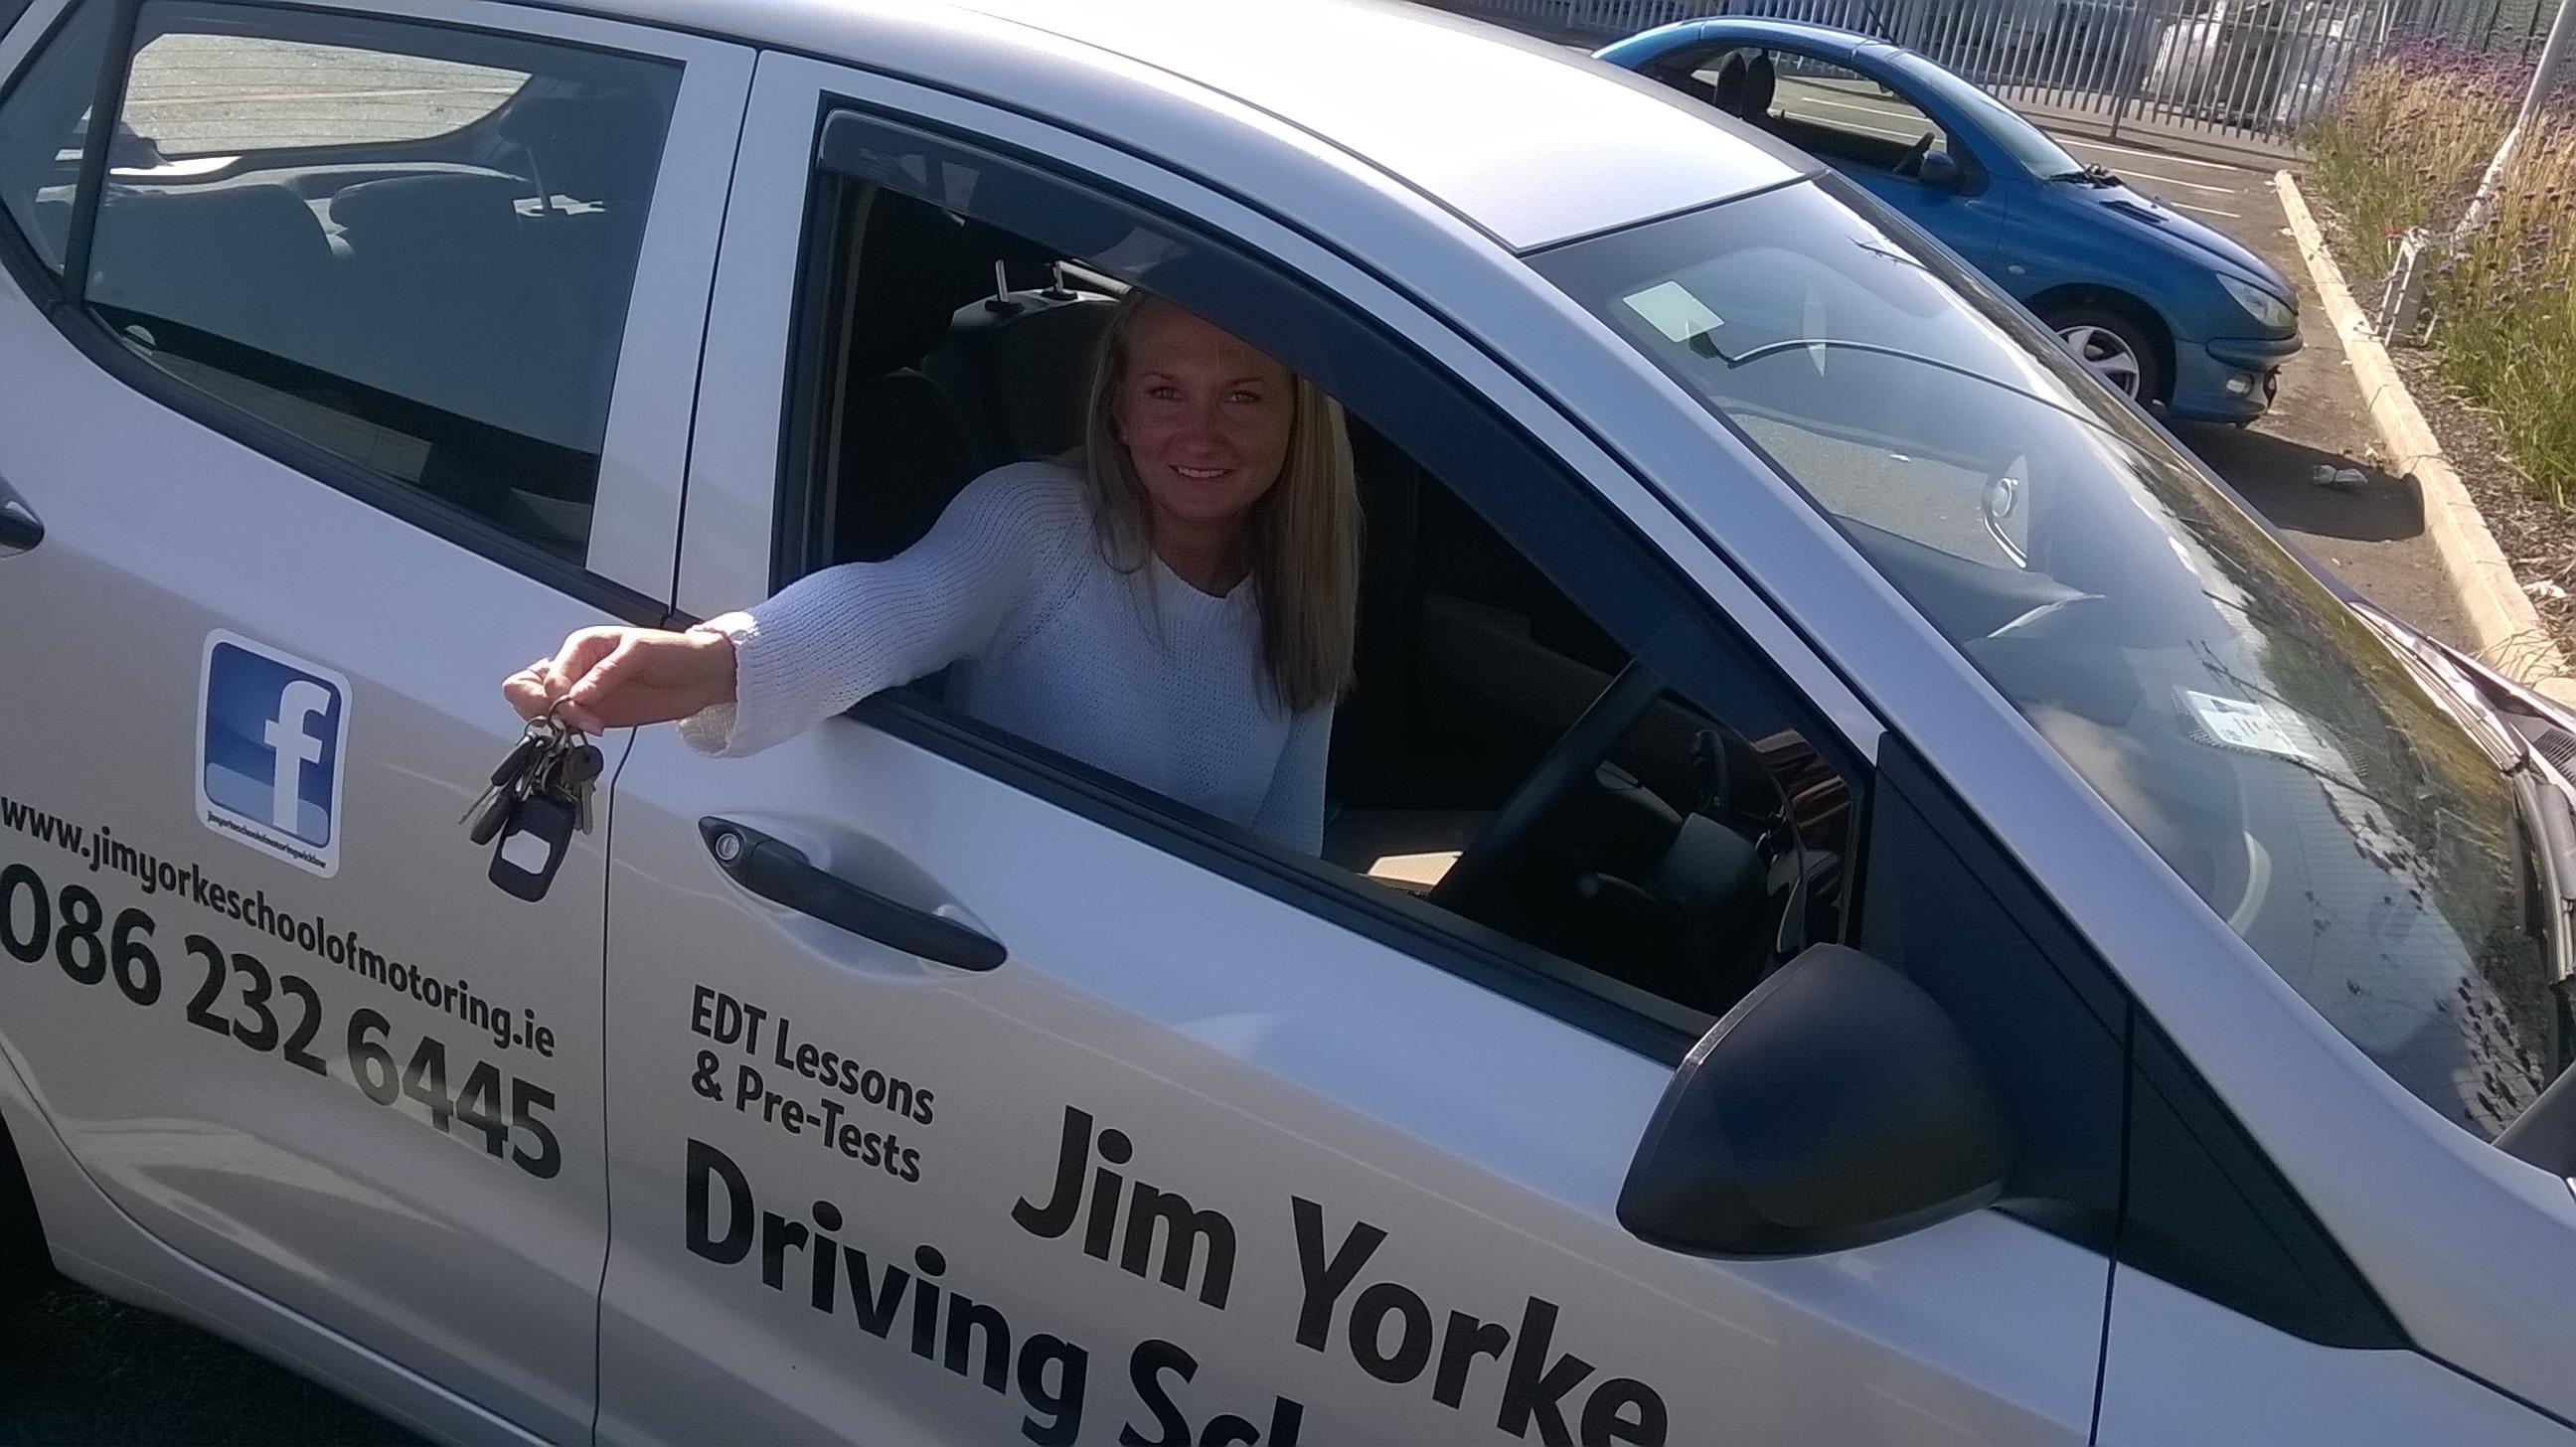 Jim Yorke School of Motoring 3